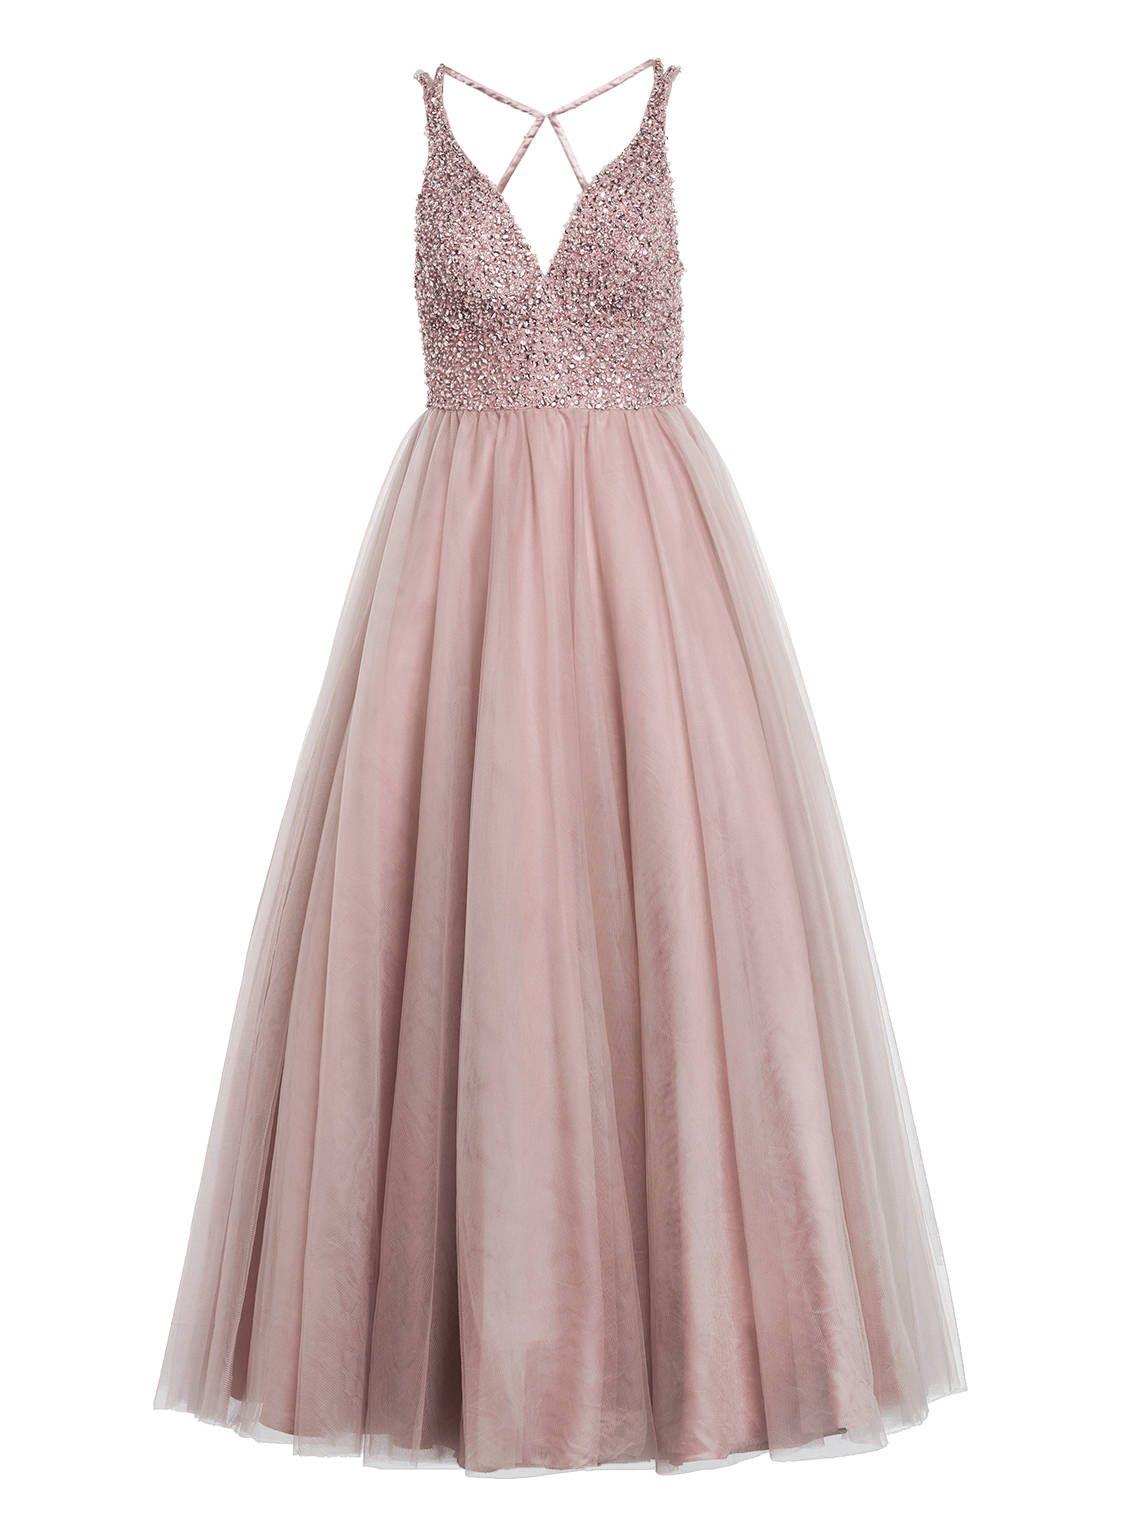 Unique Abendkleid in 10  Abendkleid, Kleider, Kleid abschluss